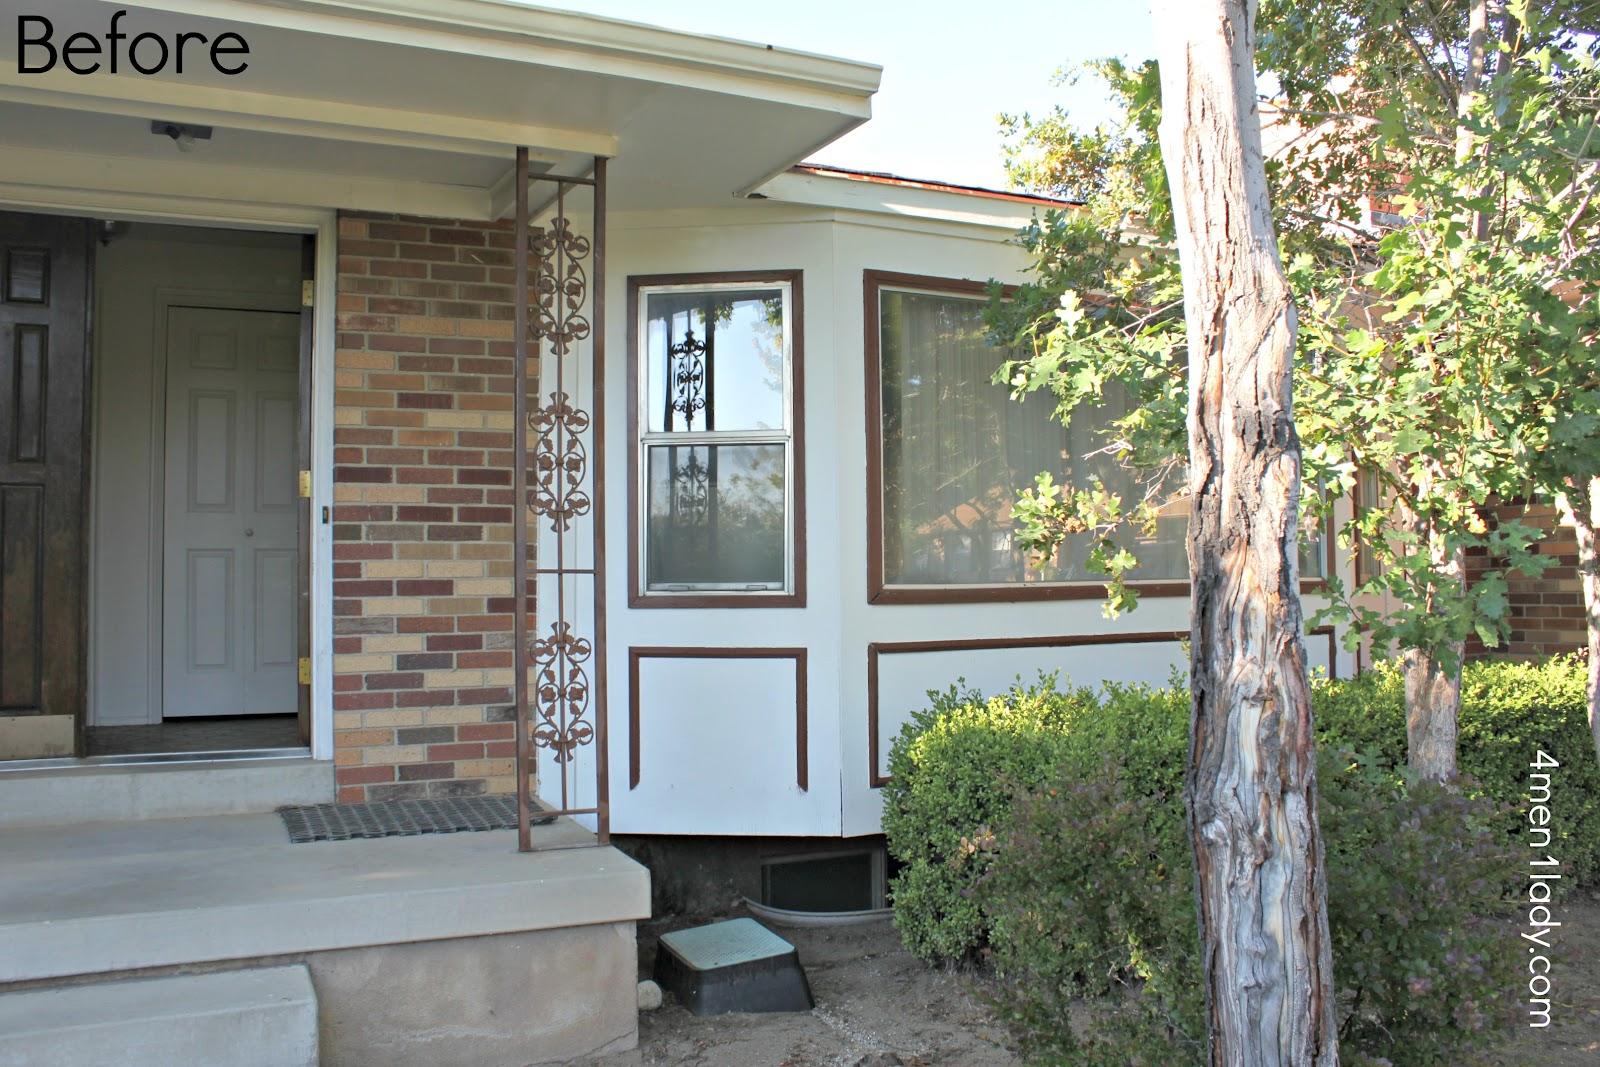 wallpaper home hardware wallpaper home ForWallpaper Home Hardware